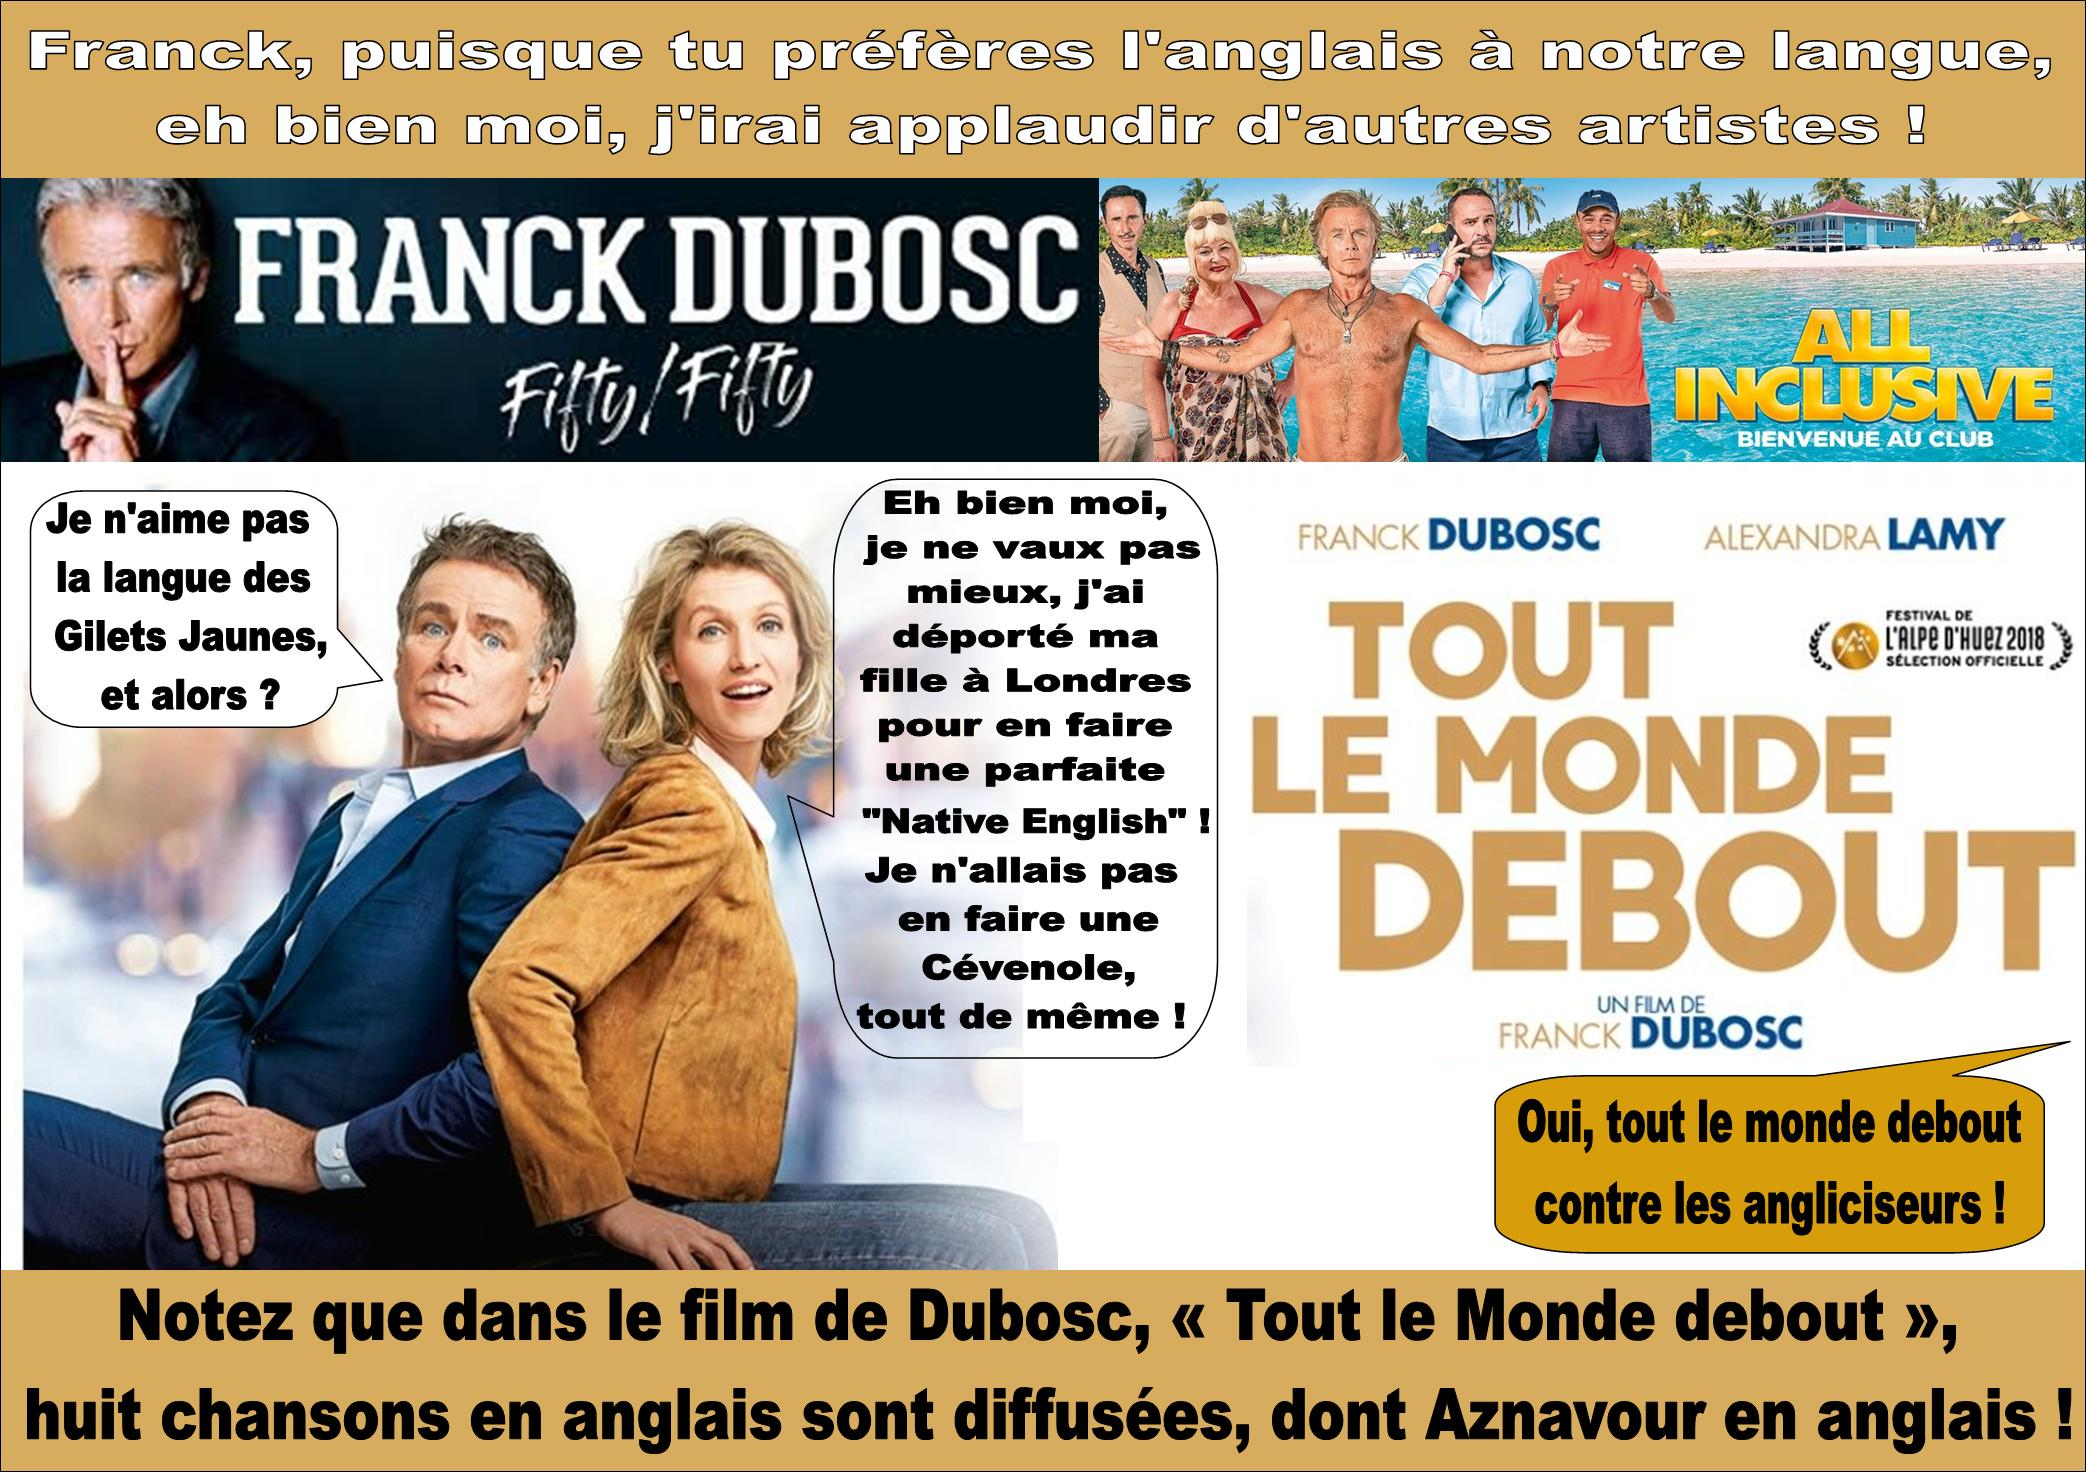 Franck Dubosc, Alexandra Lamy et la langue française